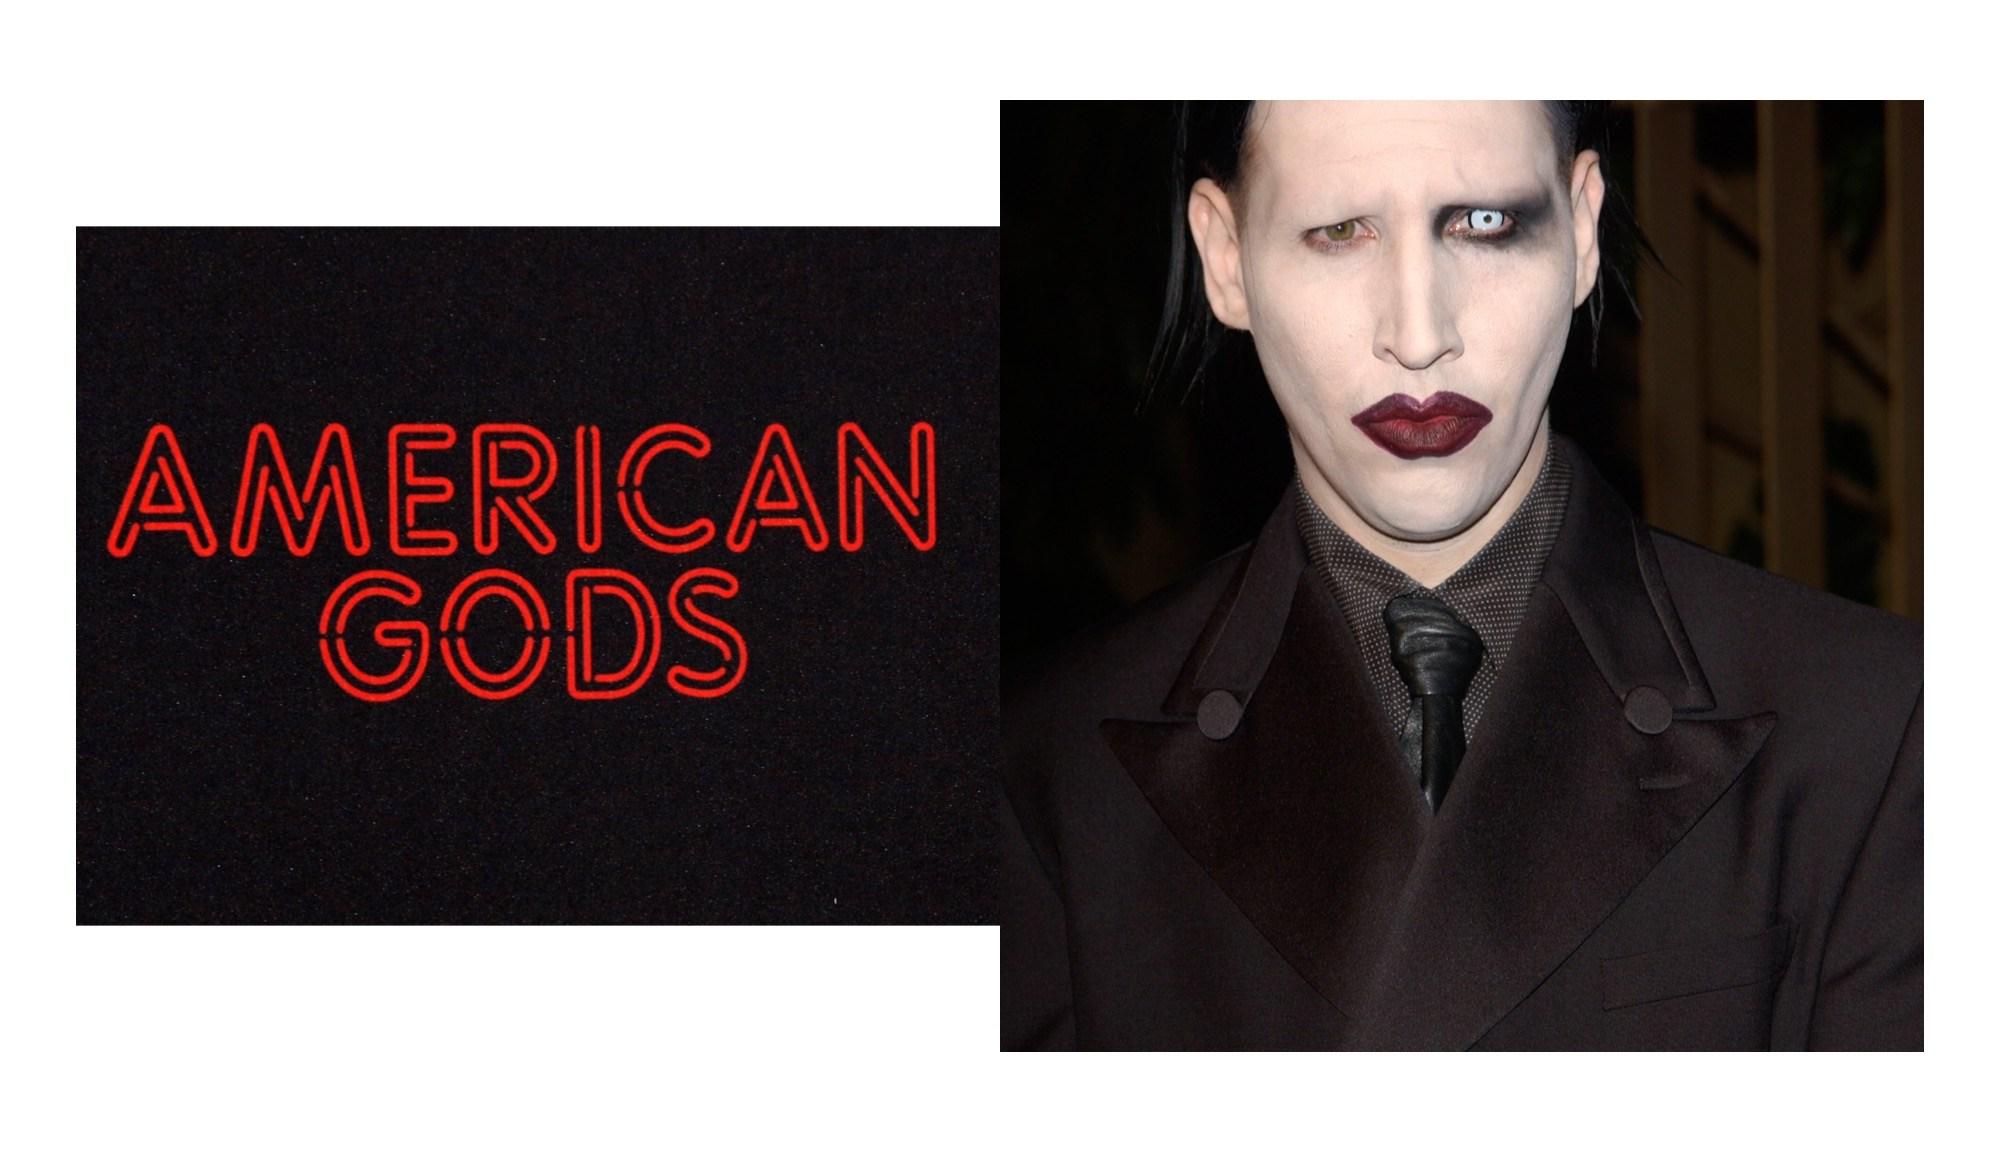 Marilyn_Manson_American_Gods